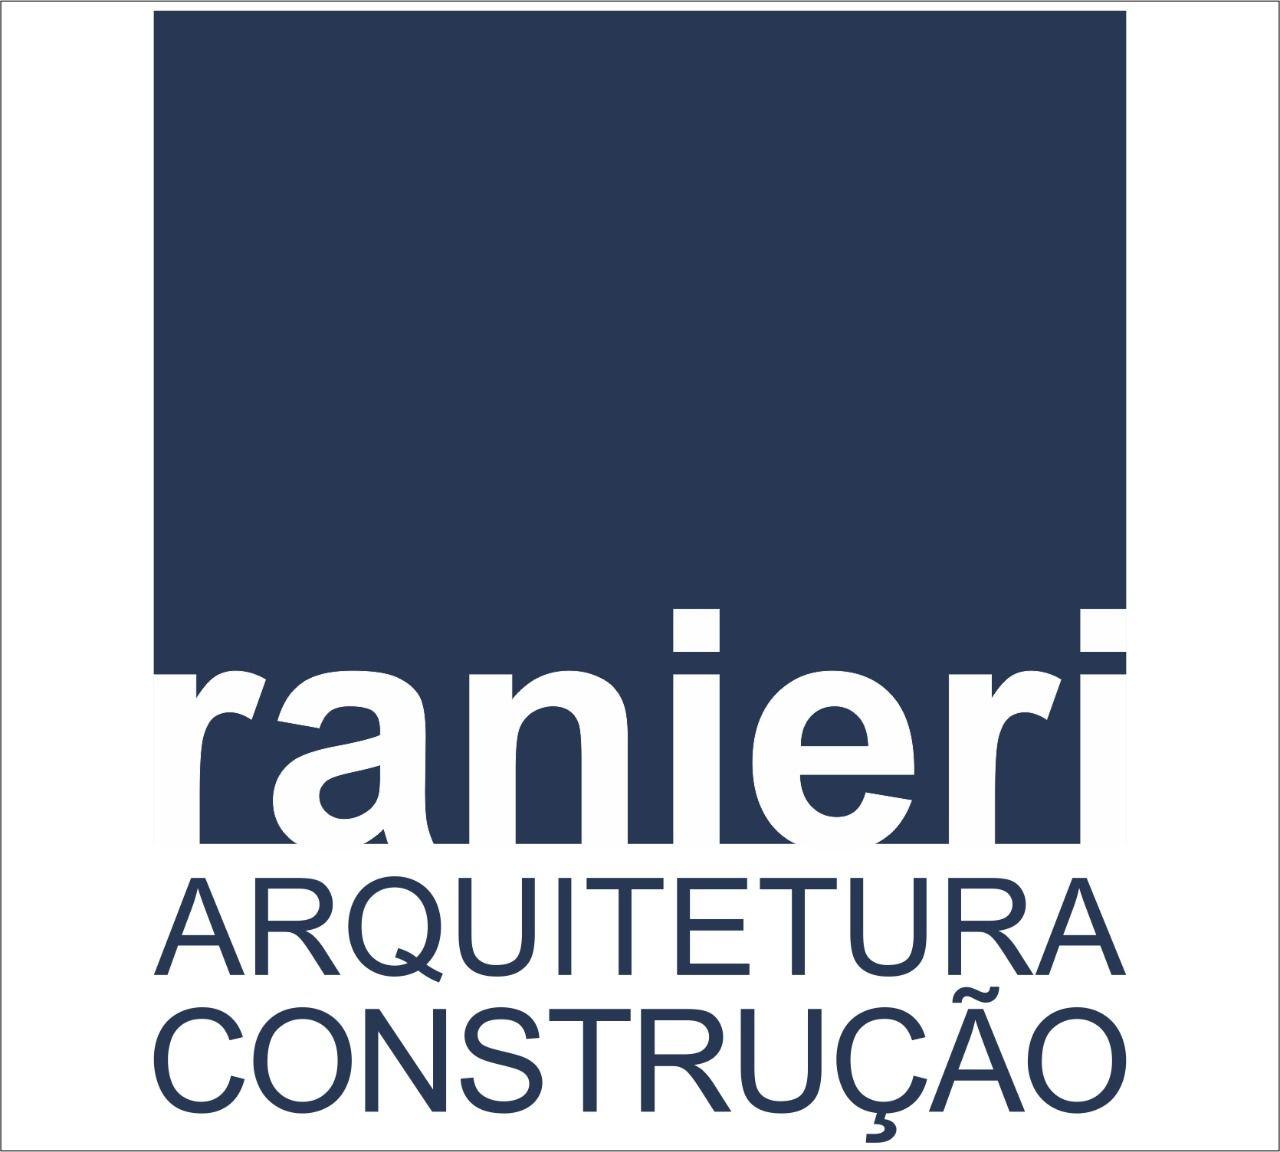 Ranieri Arquitetura e Construção - Arq Ronaldo Ranieri em Bertioga